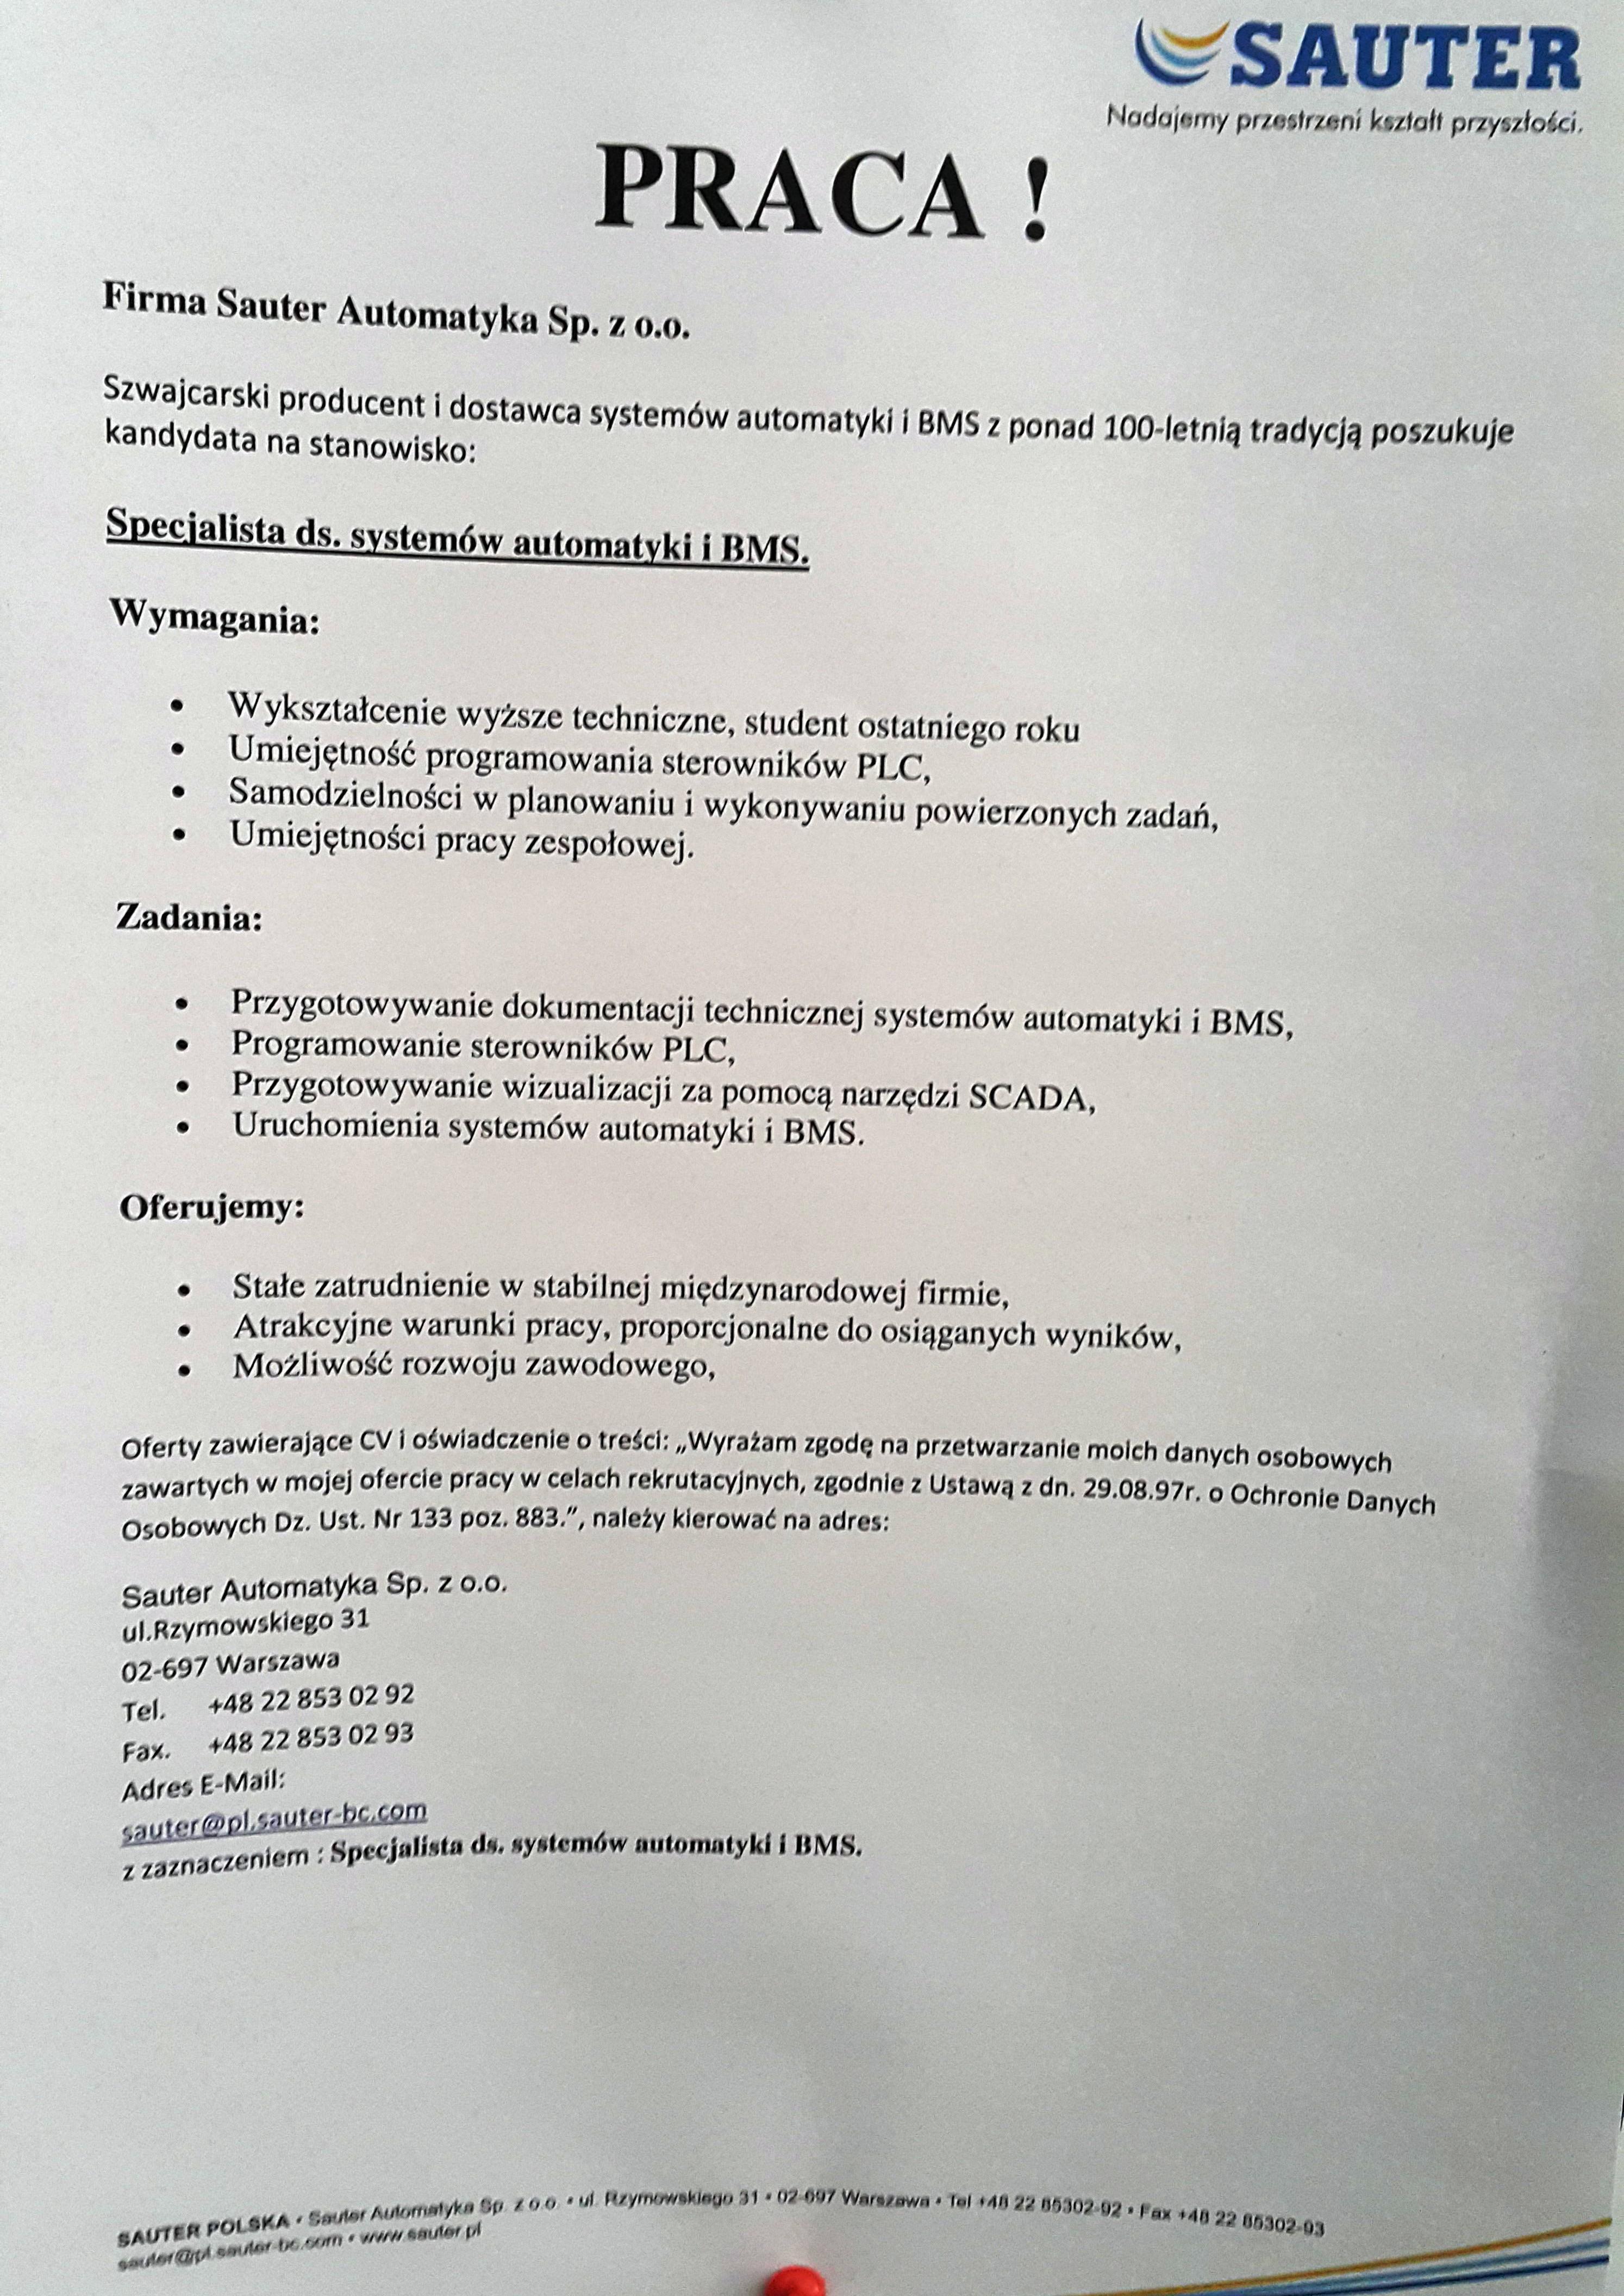 SAUTER AUTOMATYKA Sp. z o.o - Specjalista ds. systemów automatyki i BMS